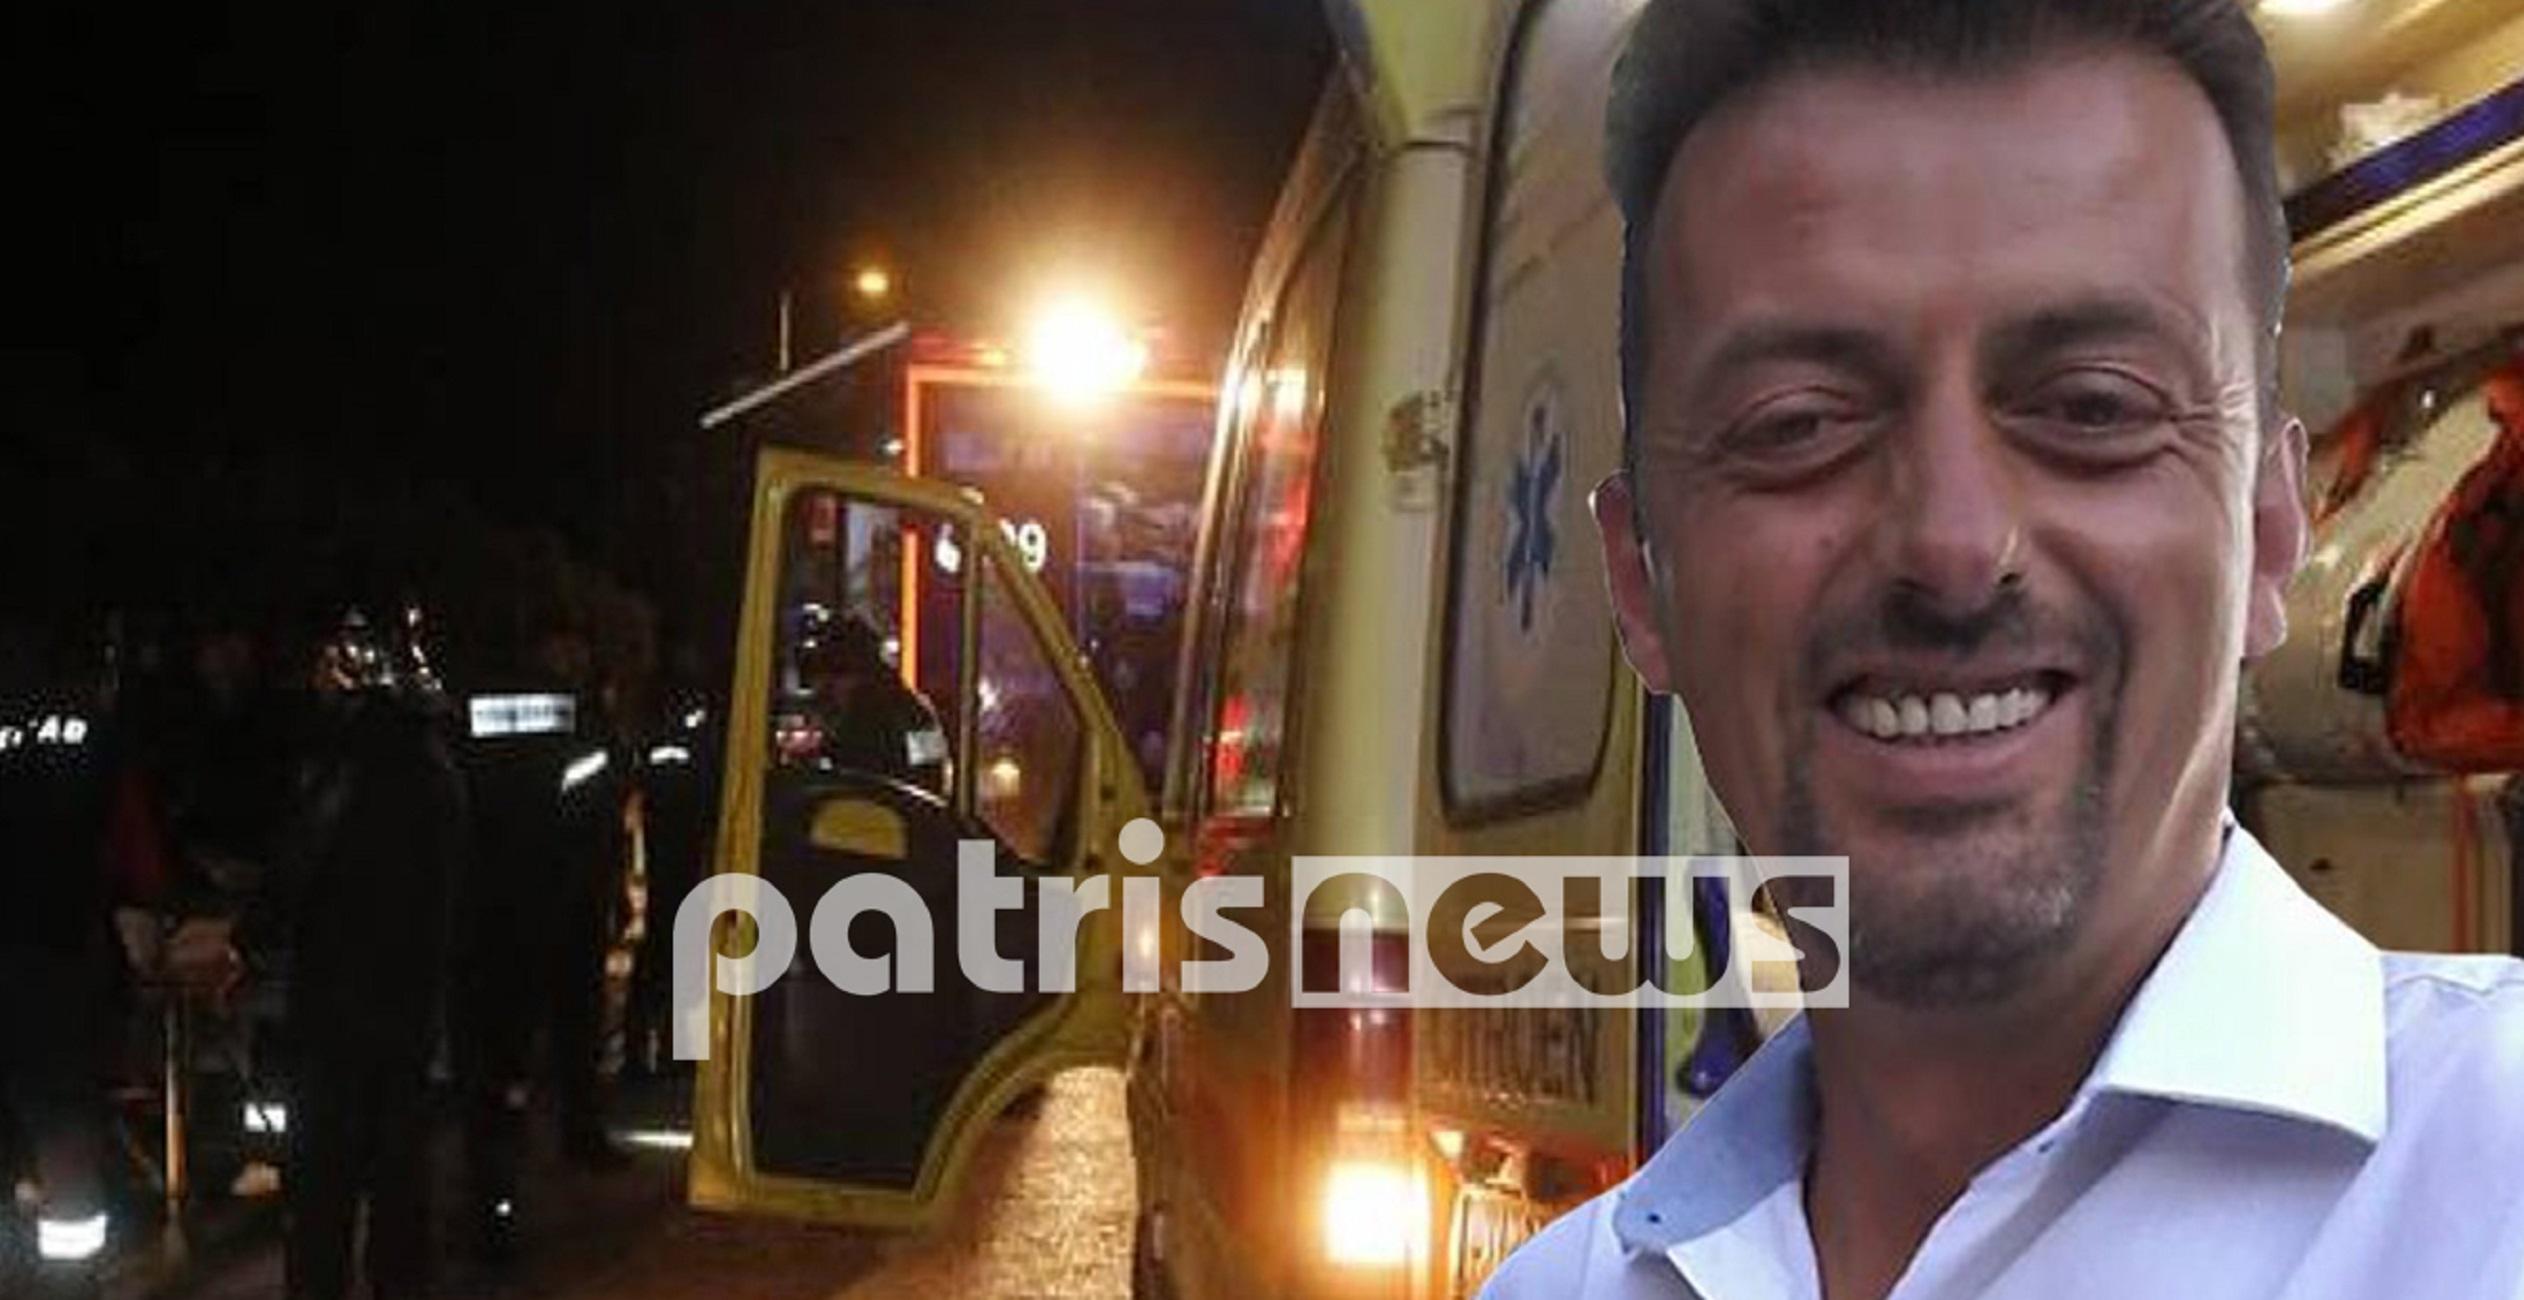 Ηλεία: Τελευταίο νυχτοκάματο για τον Ανδρέα – Σπαραγμός στο τελευταίο αντίο